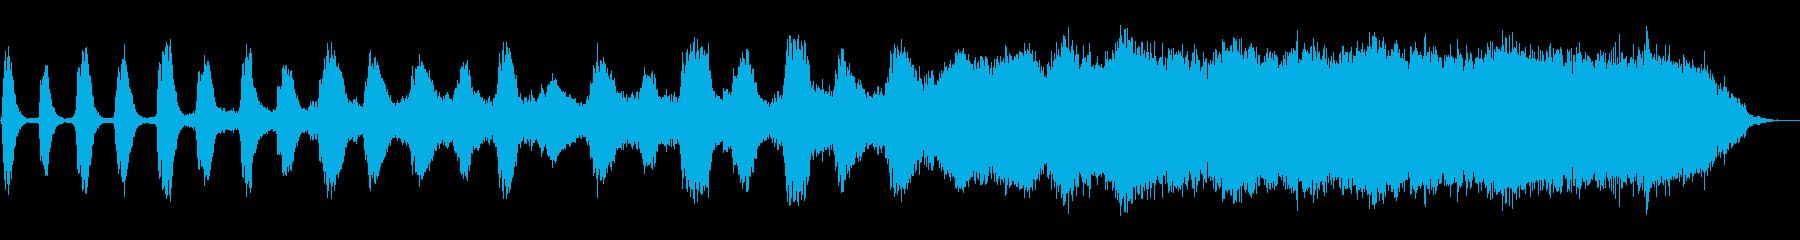 サスペンスフルなアンビエントの再生済みの波形